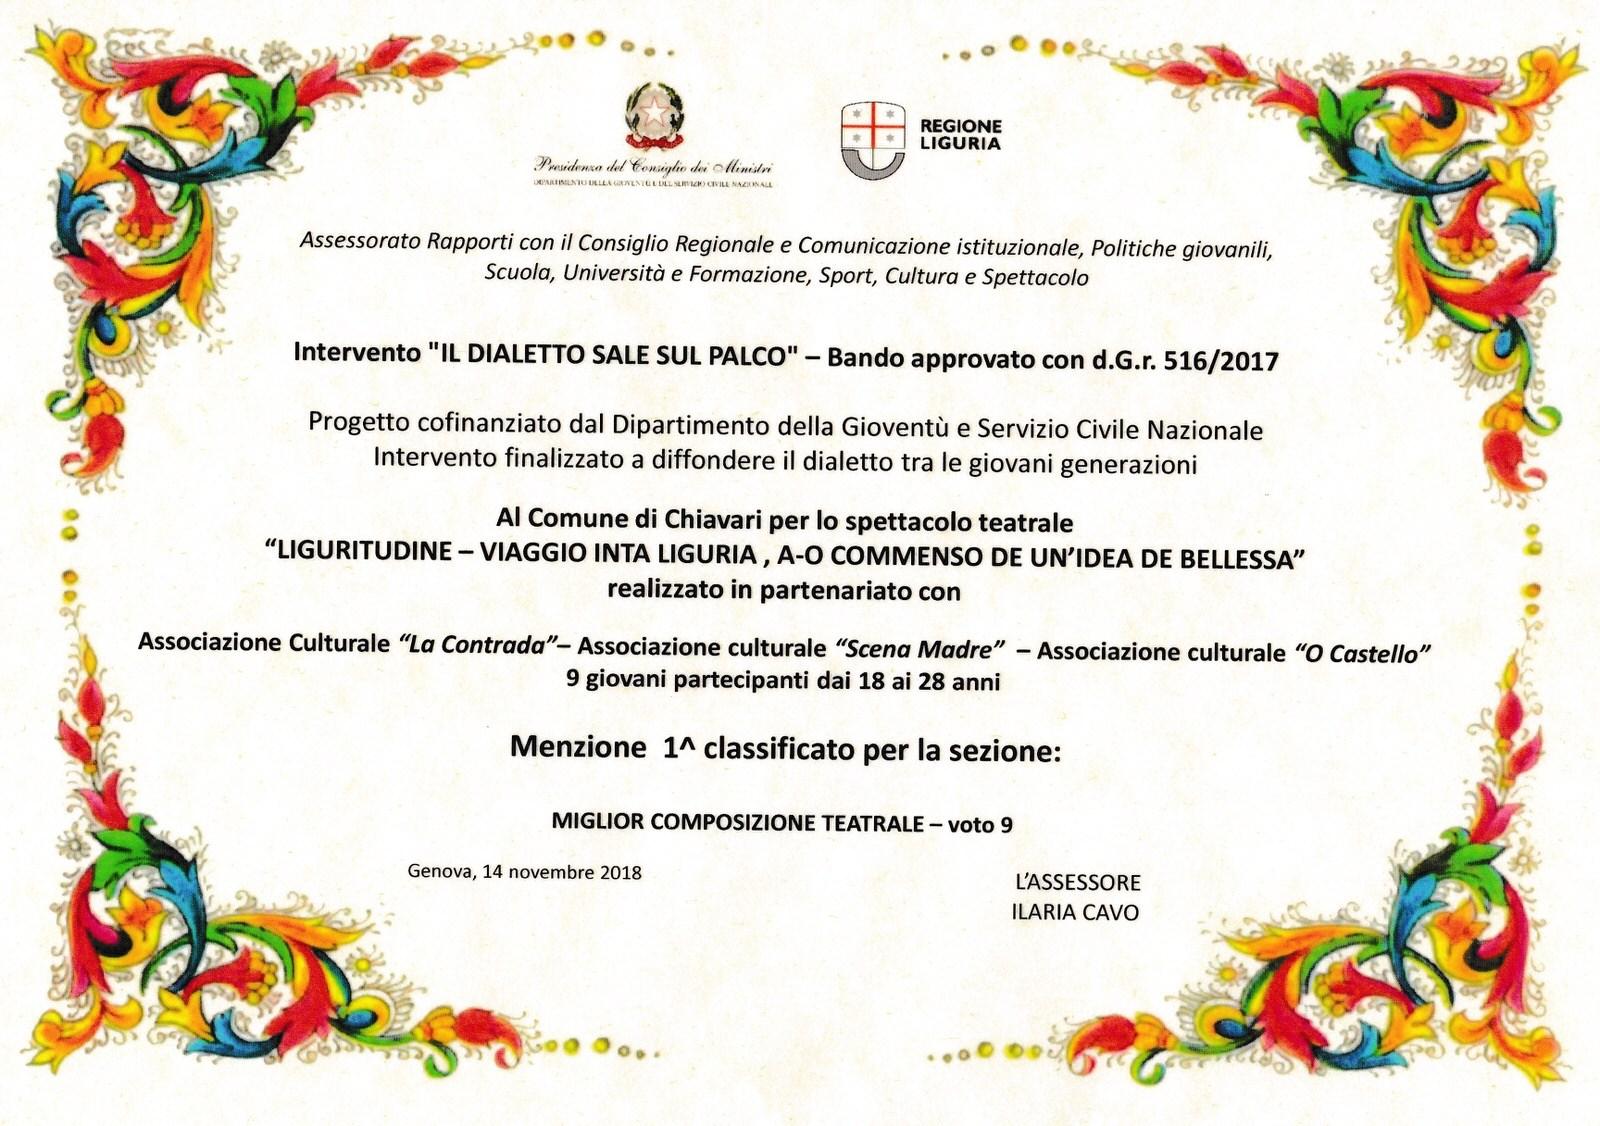 Premiazione-progetto-Liguritudine-alla-Notte-dei-Talenti-2018-di-Genova